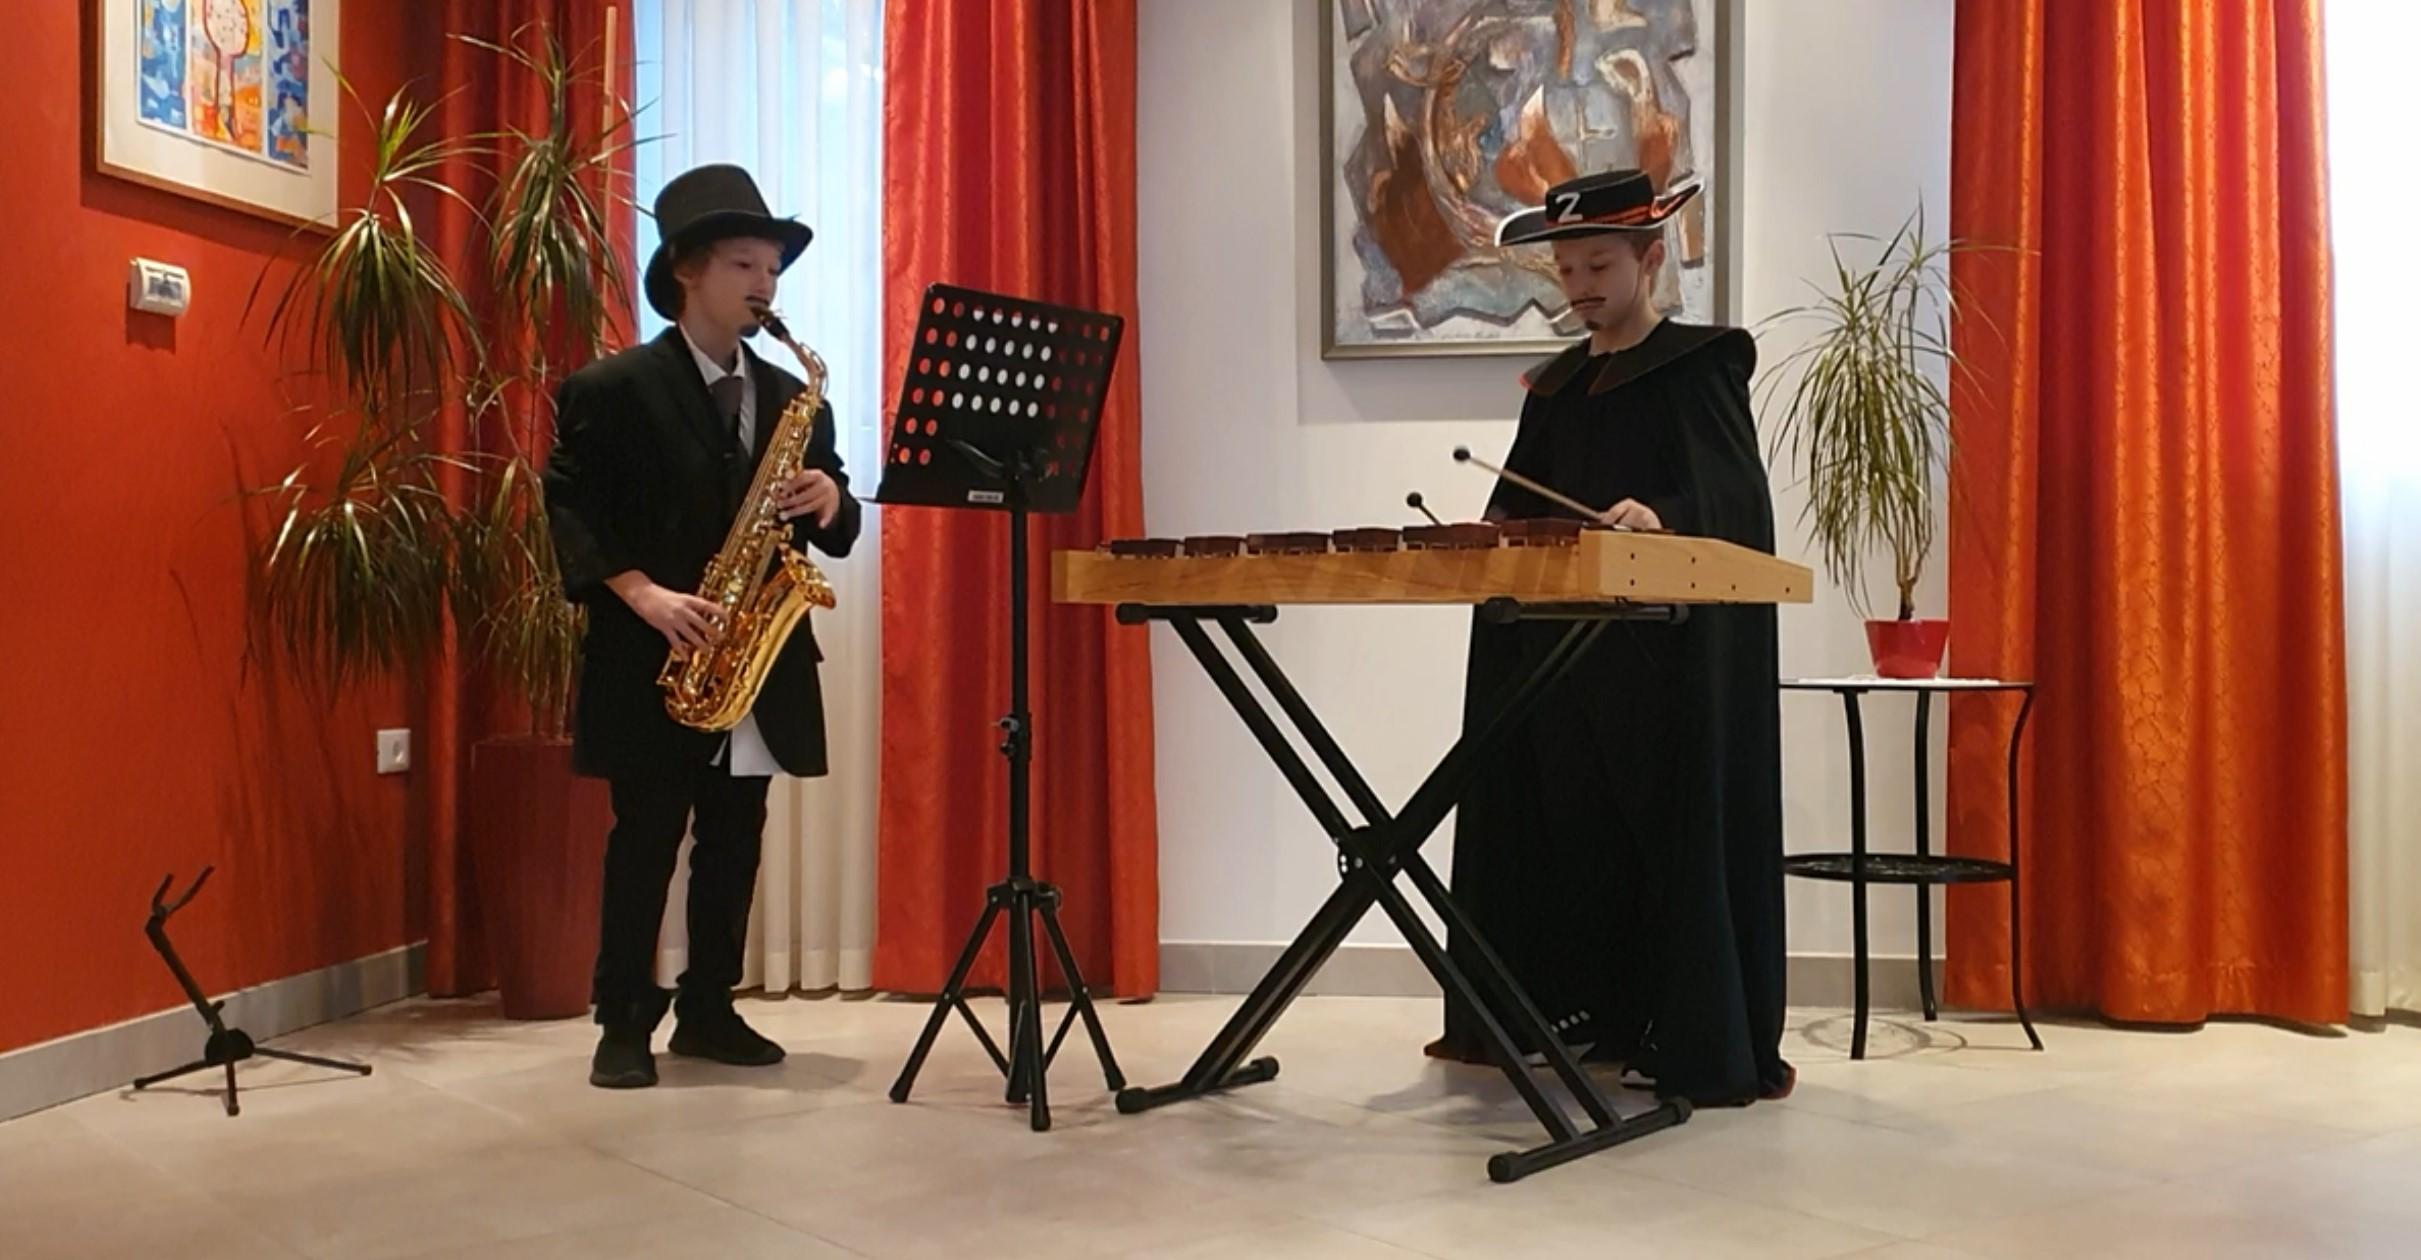 Pustni nastop – učenca Miha in Vito Grohar iz GŠ Vinka Vodopivca Ajdovščina